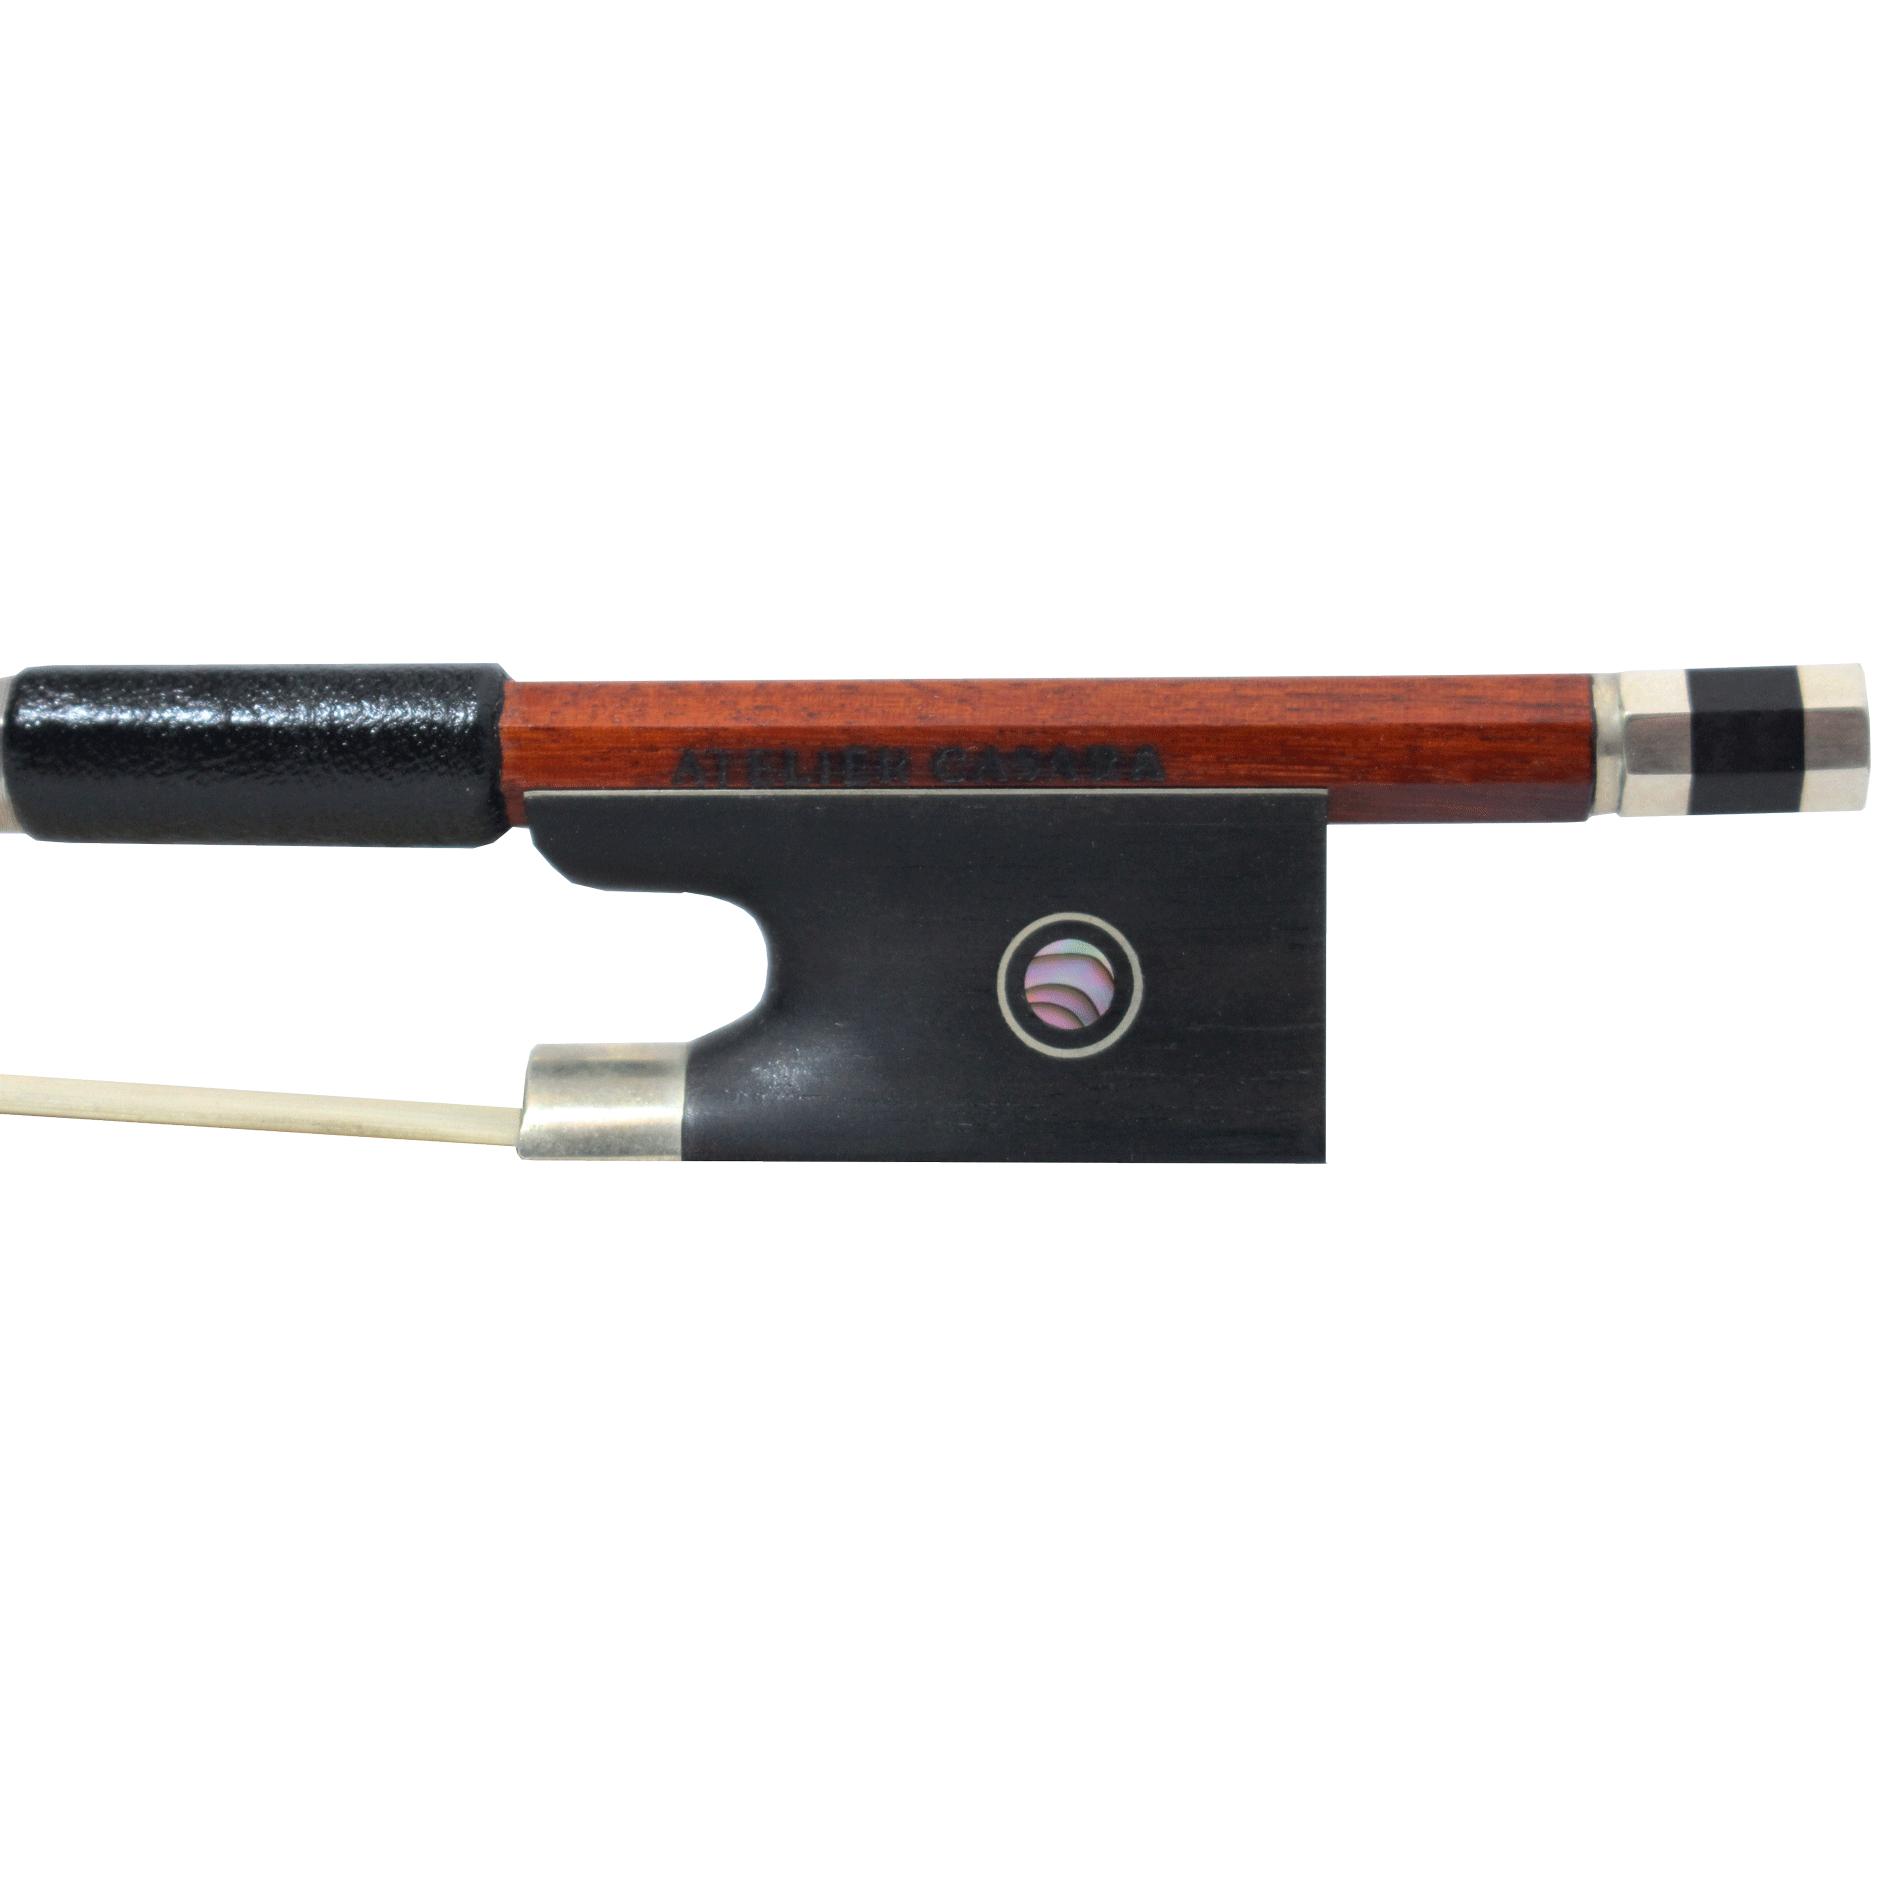 Arco Oitavado Profissional Atelier Casara Pau Brasil Violino 4/4